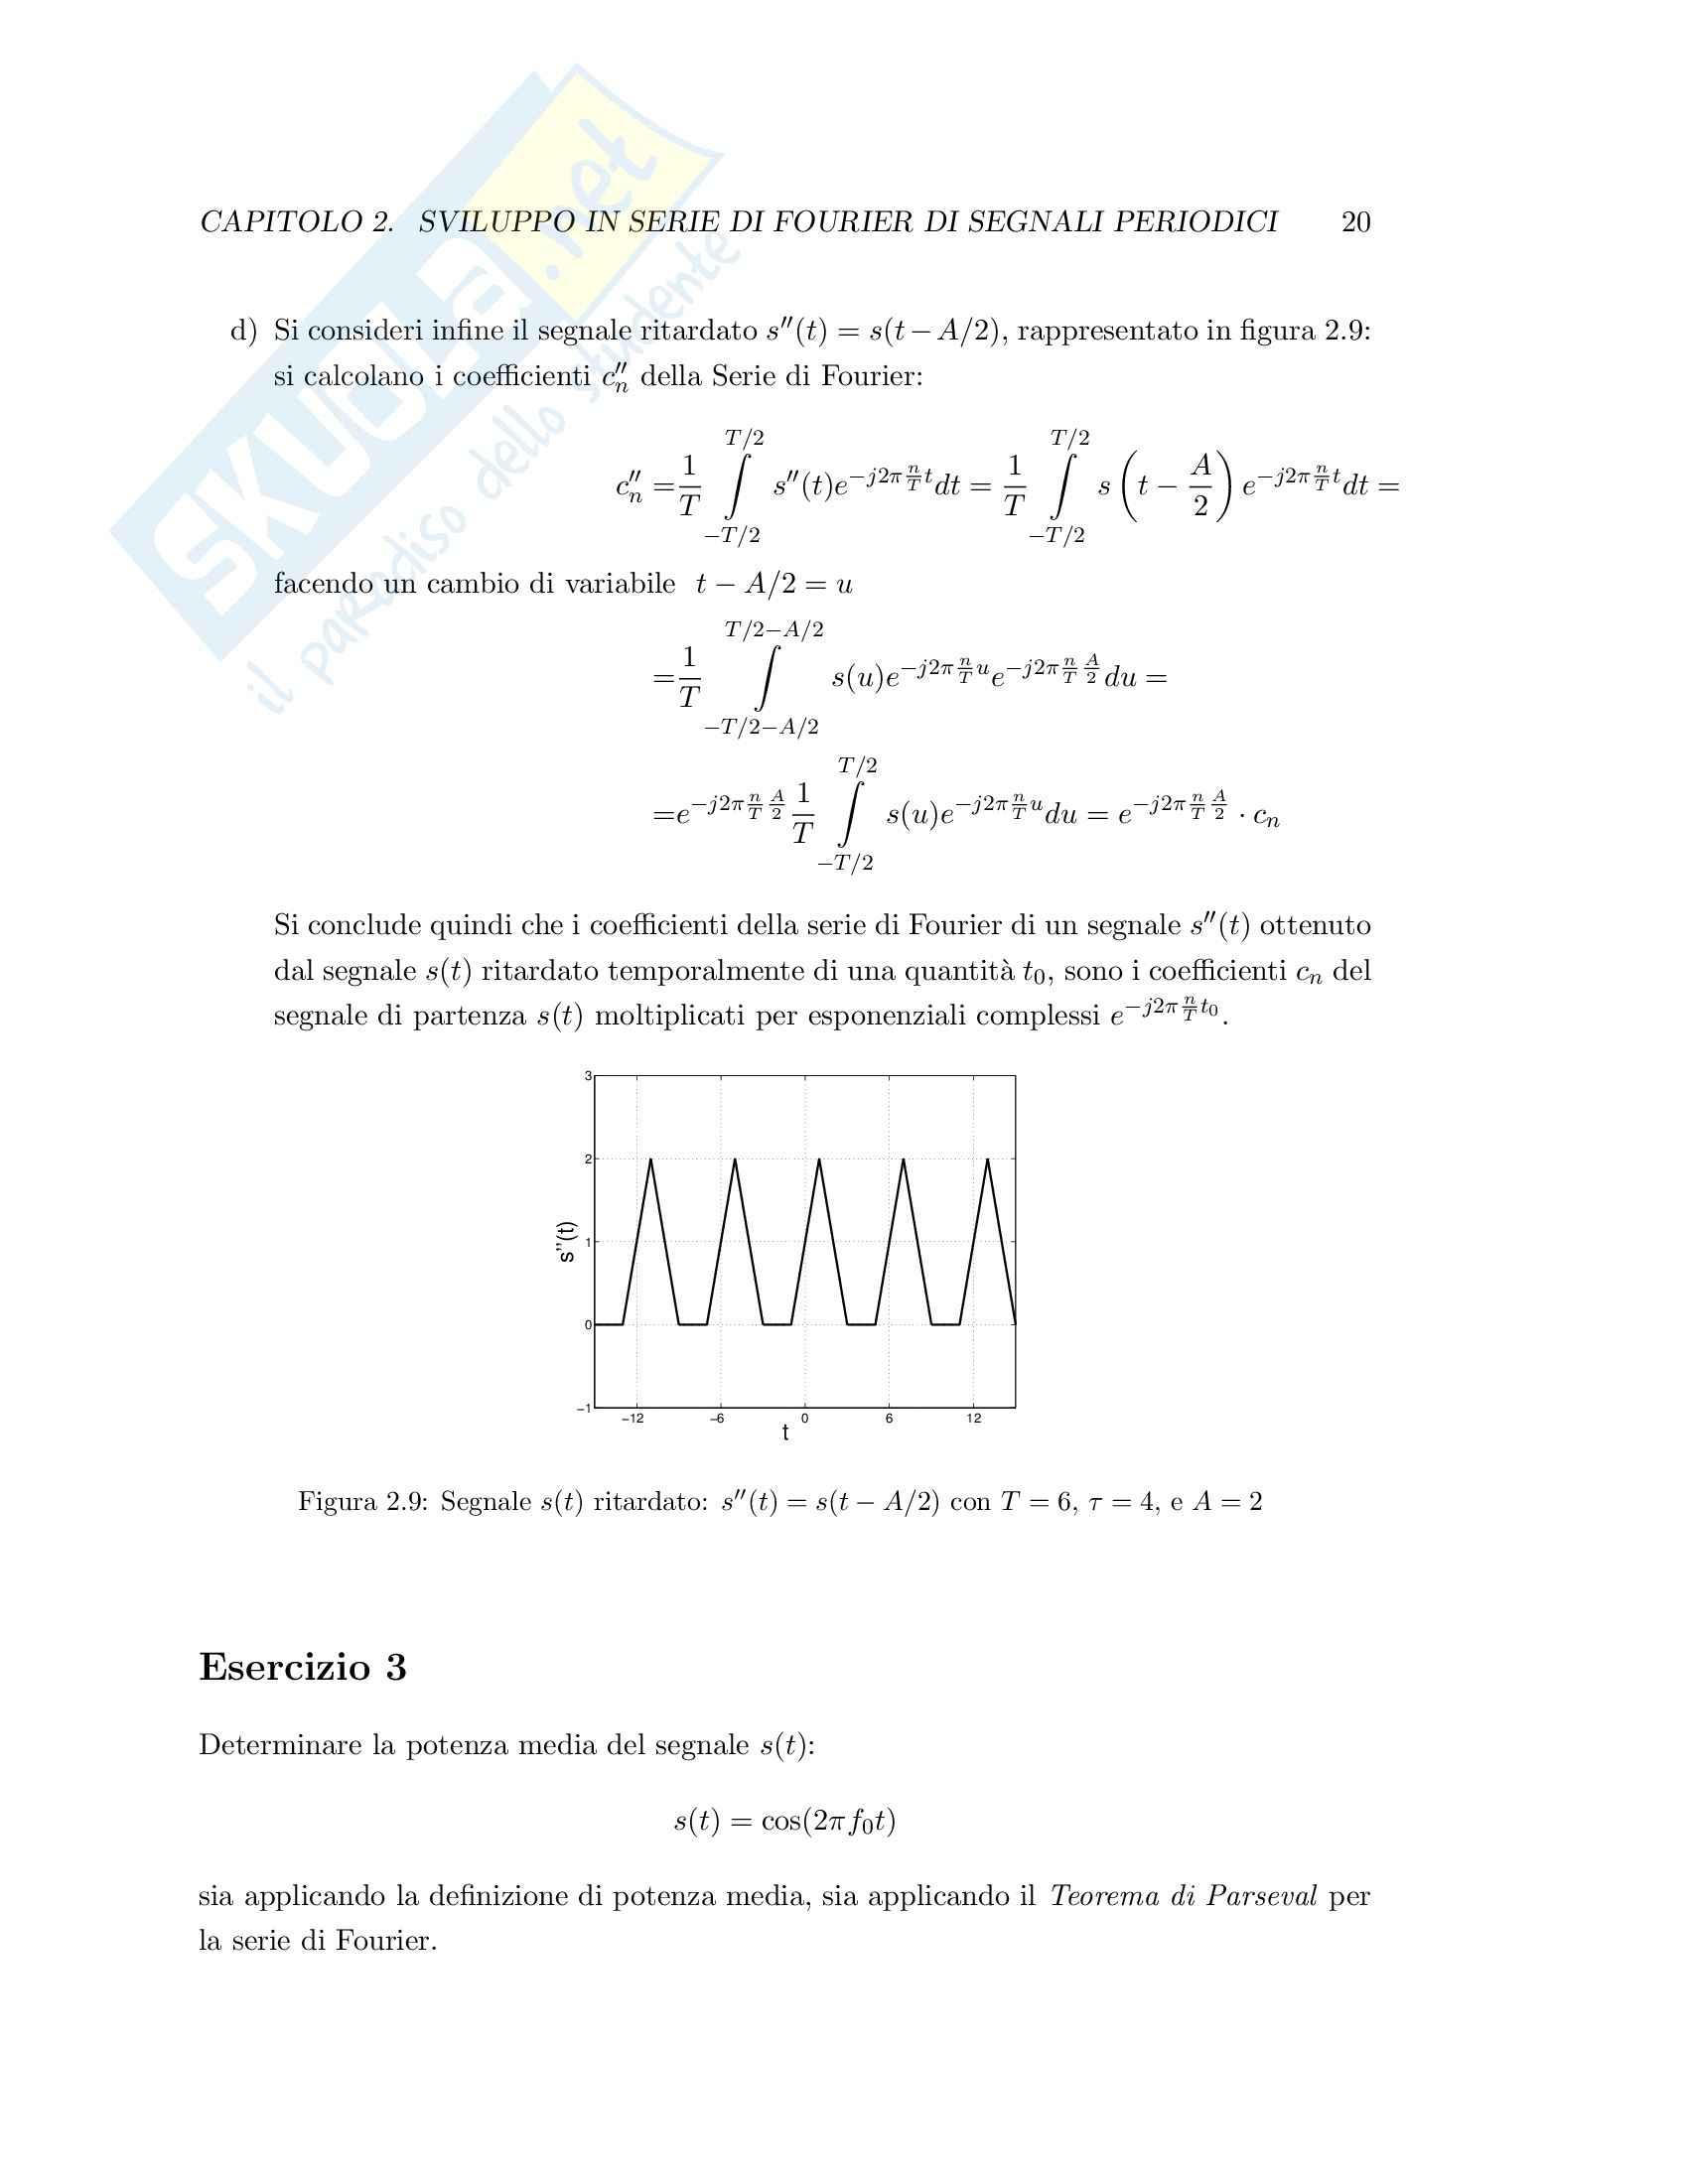 Teoria dei segnali - esercizi svolti Pag. 26